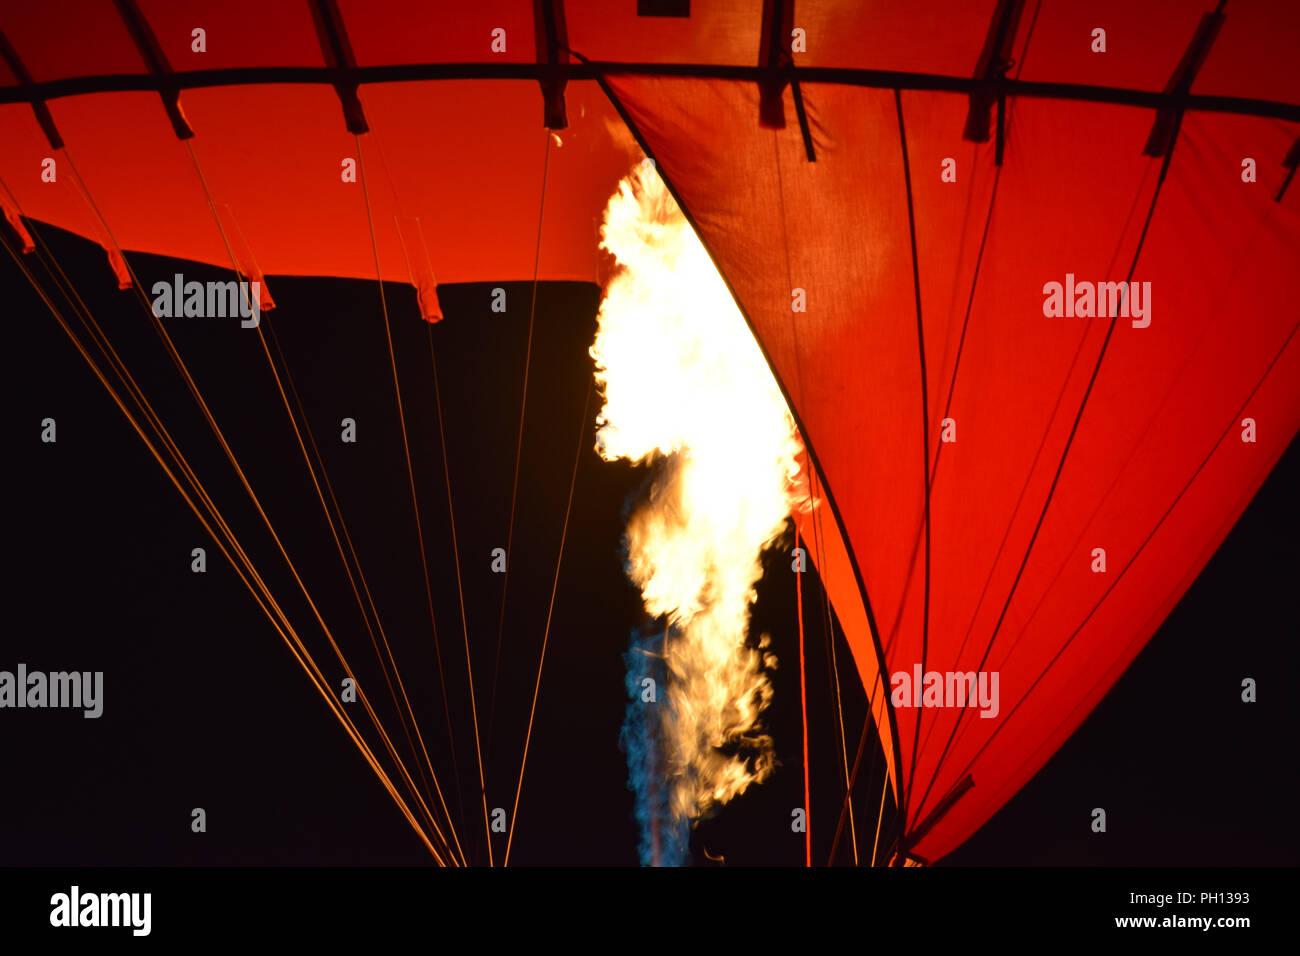 Bunsen Burner Flame Stock Photos Amp Bunsen Burner Flame Stock Images